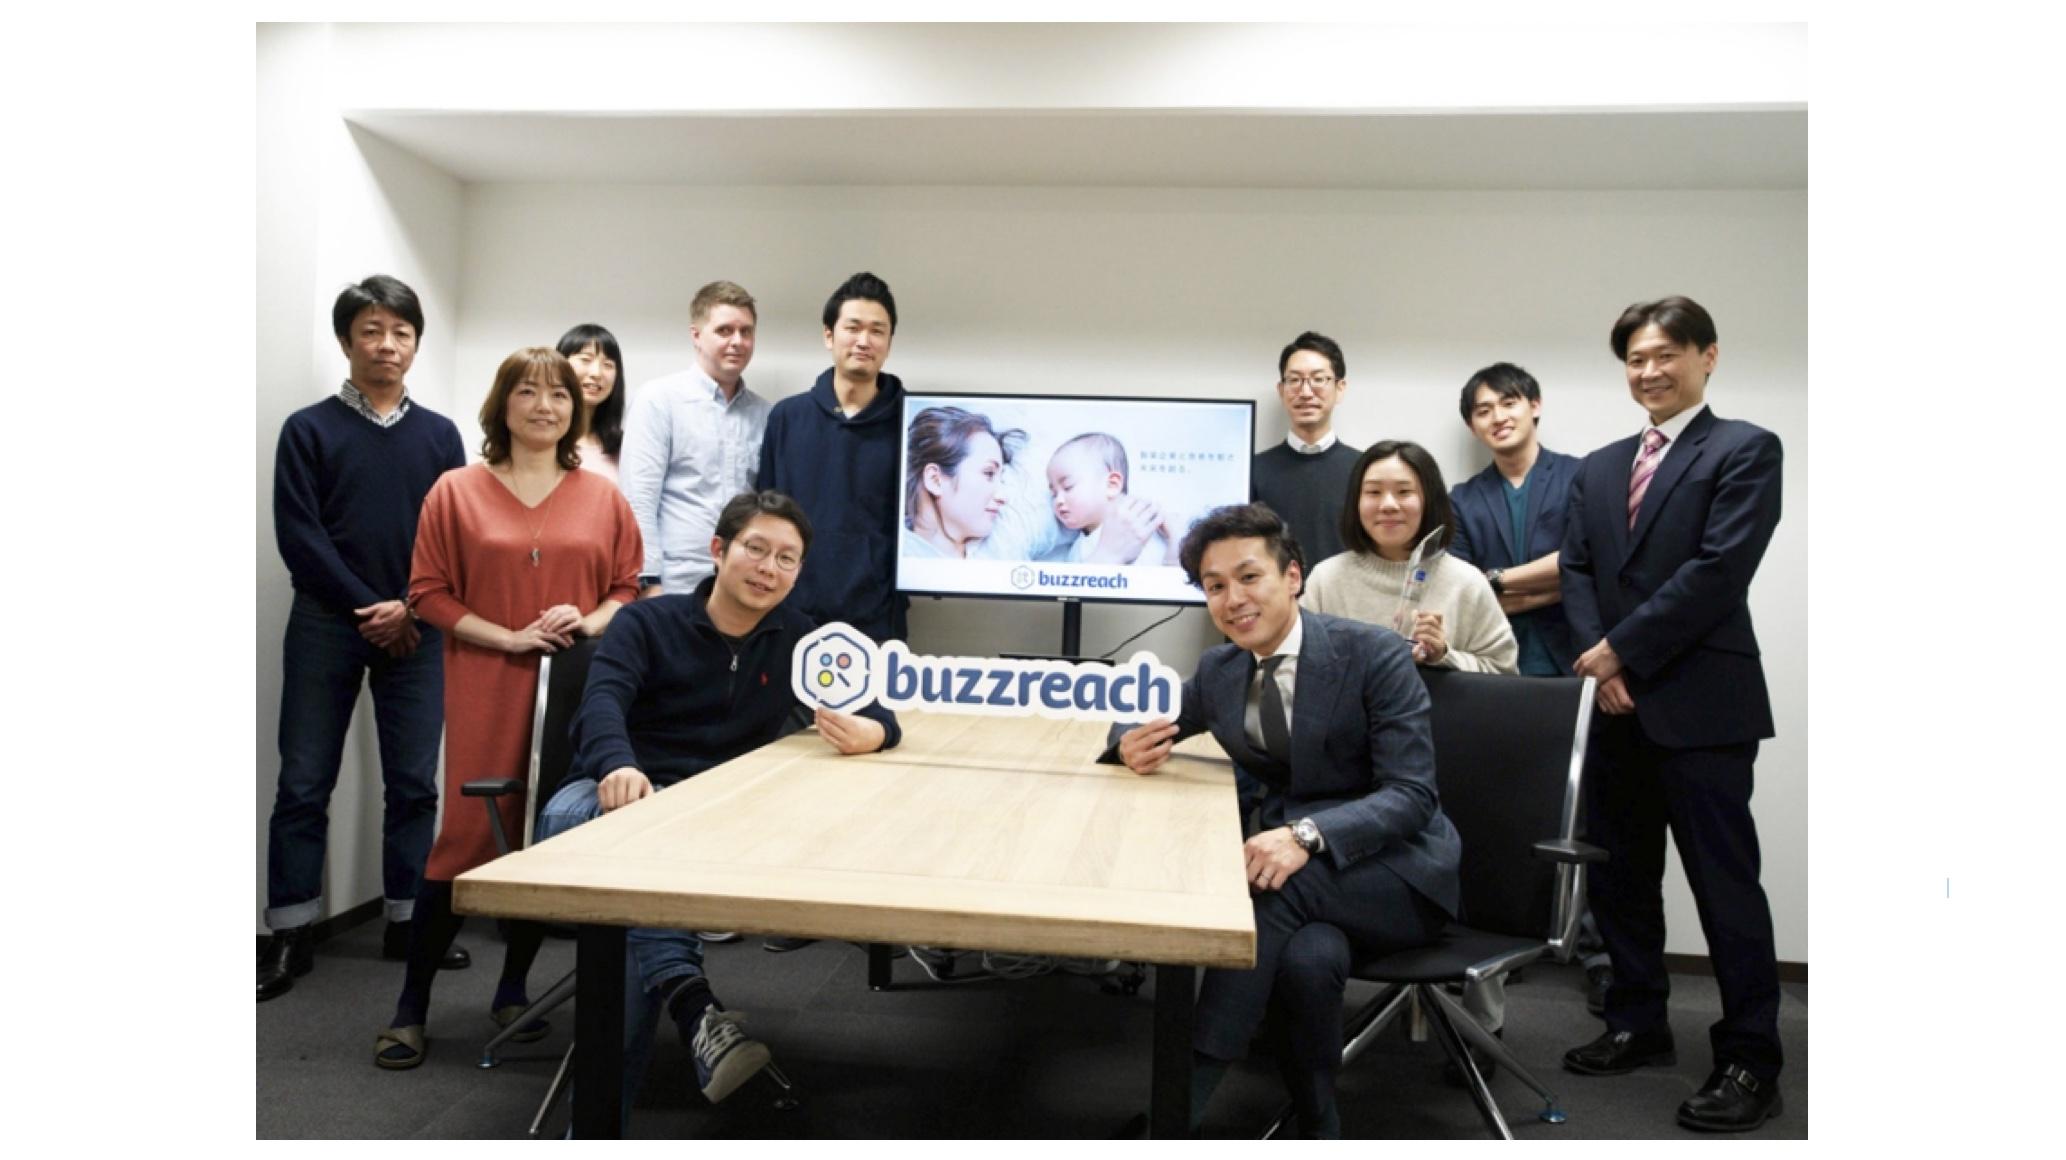 治験情報インフラを展開するBuzzreach、約2億円の資金調達